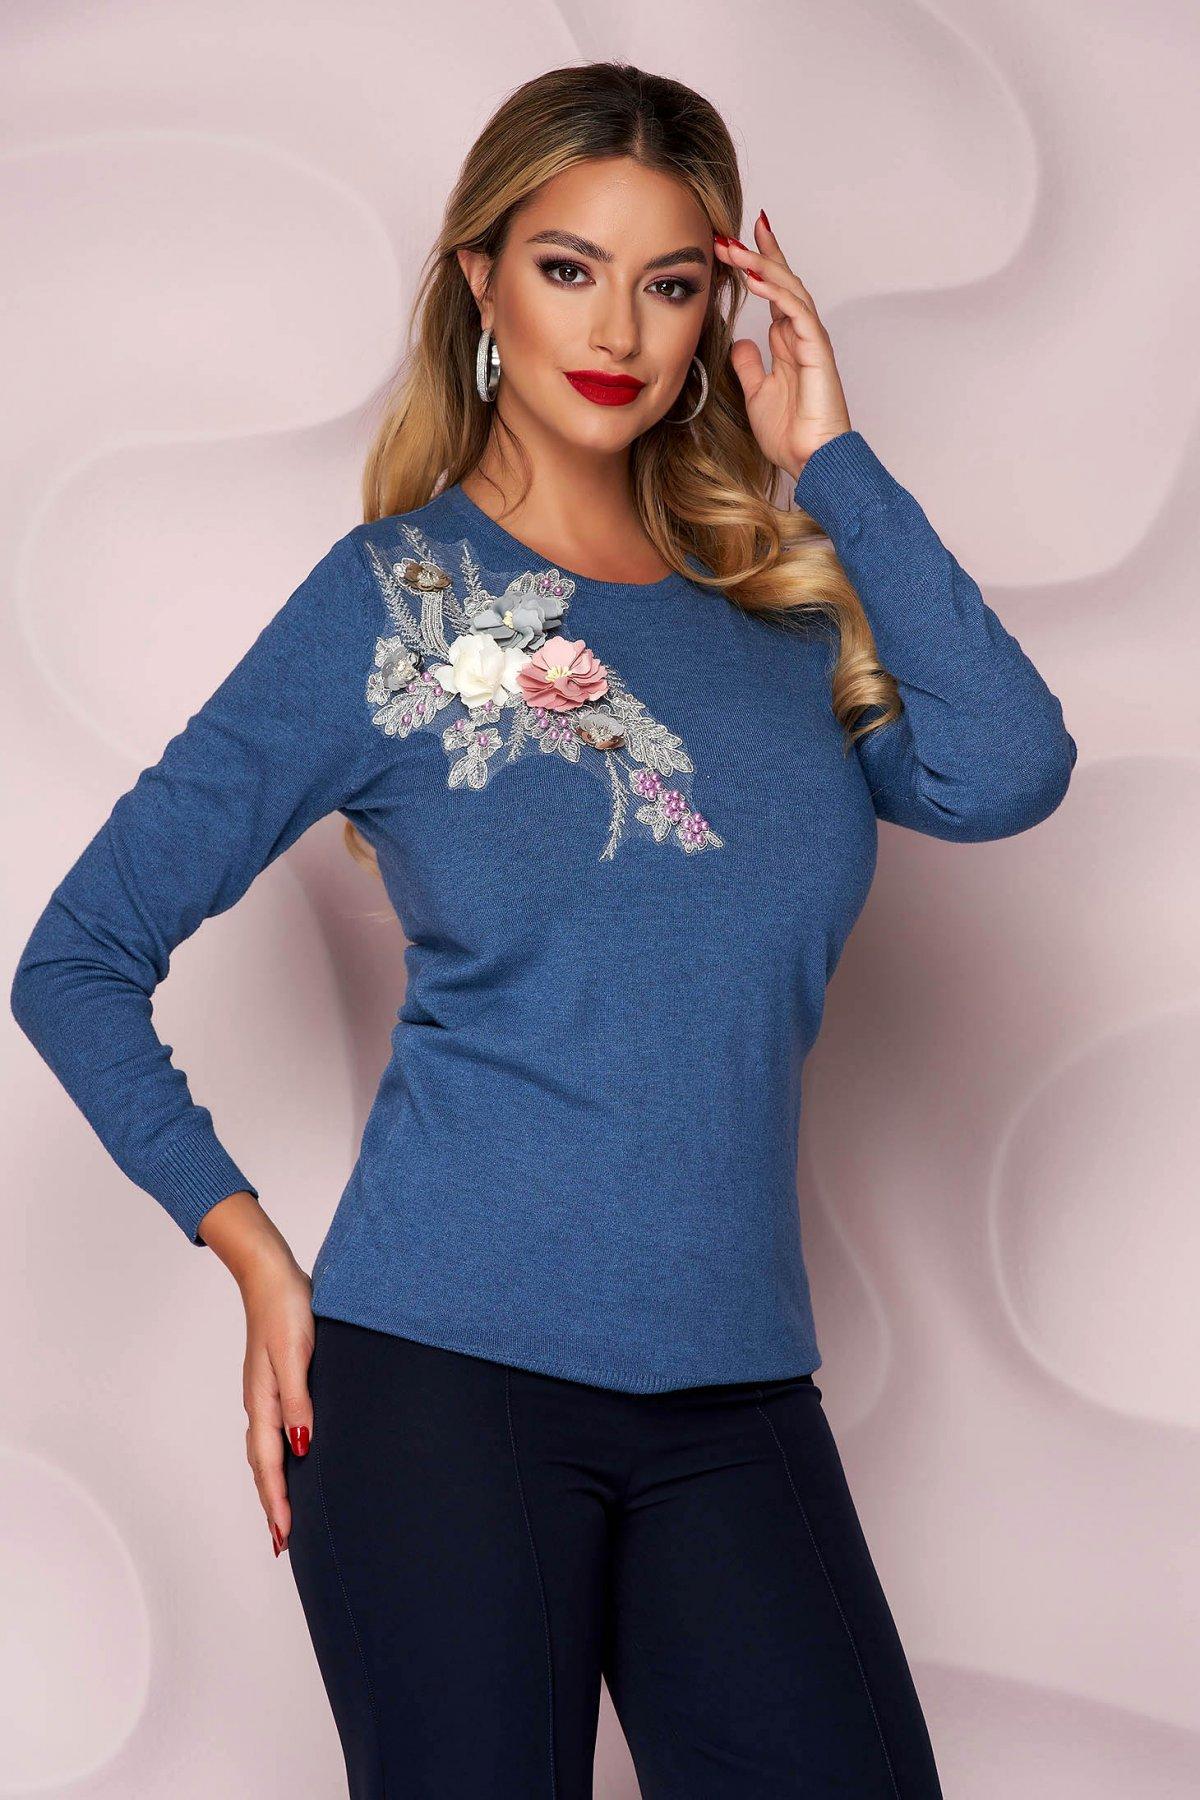 Bluza dama Lady Pandora albastra tricotata cu croi lejer si flori in relief cu efect 3d